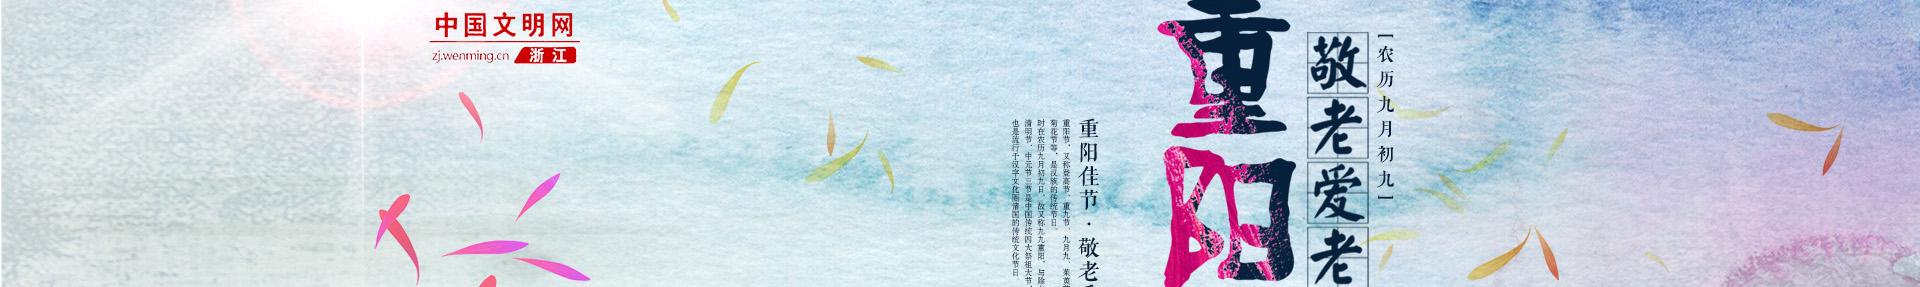 【专题】我们的节日――重阳节